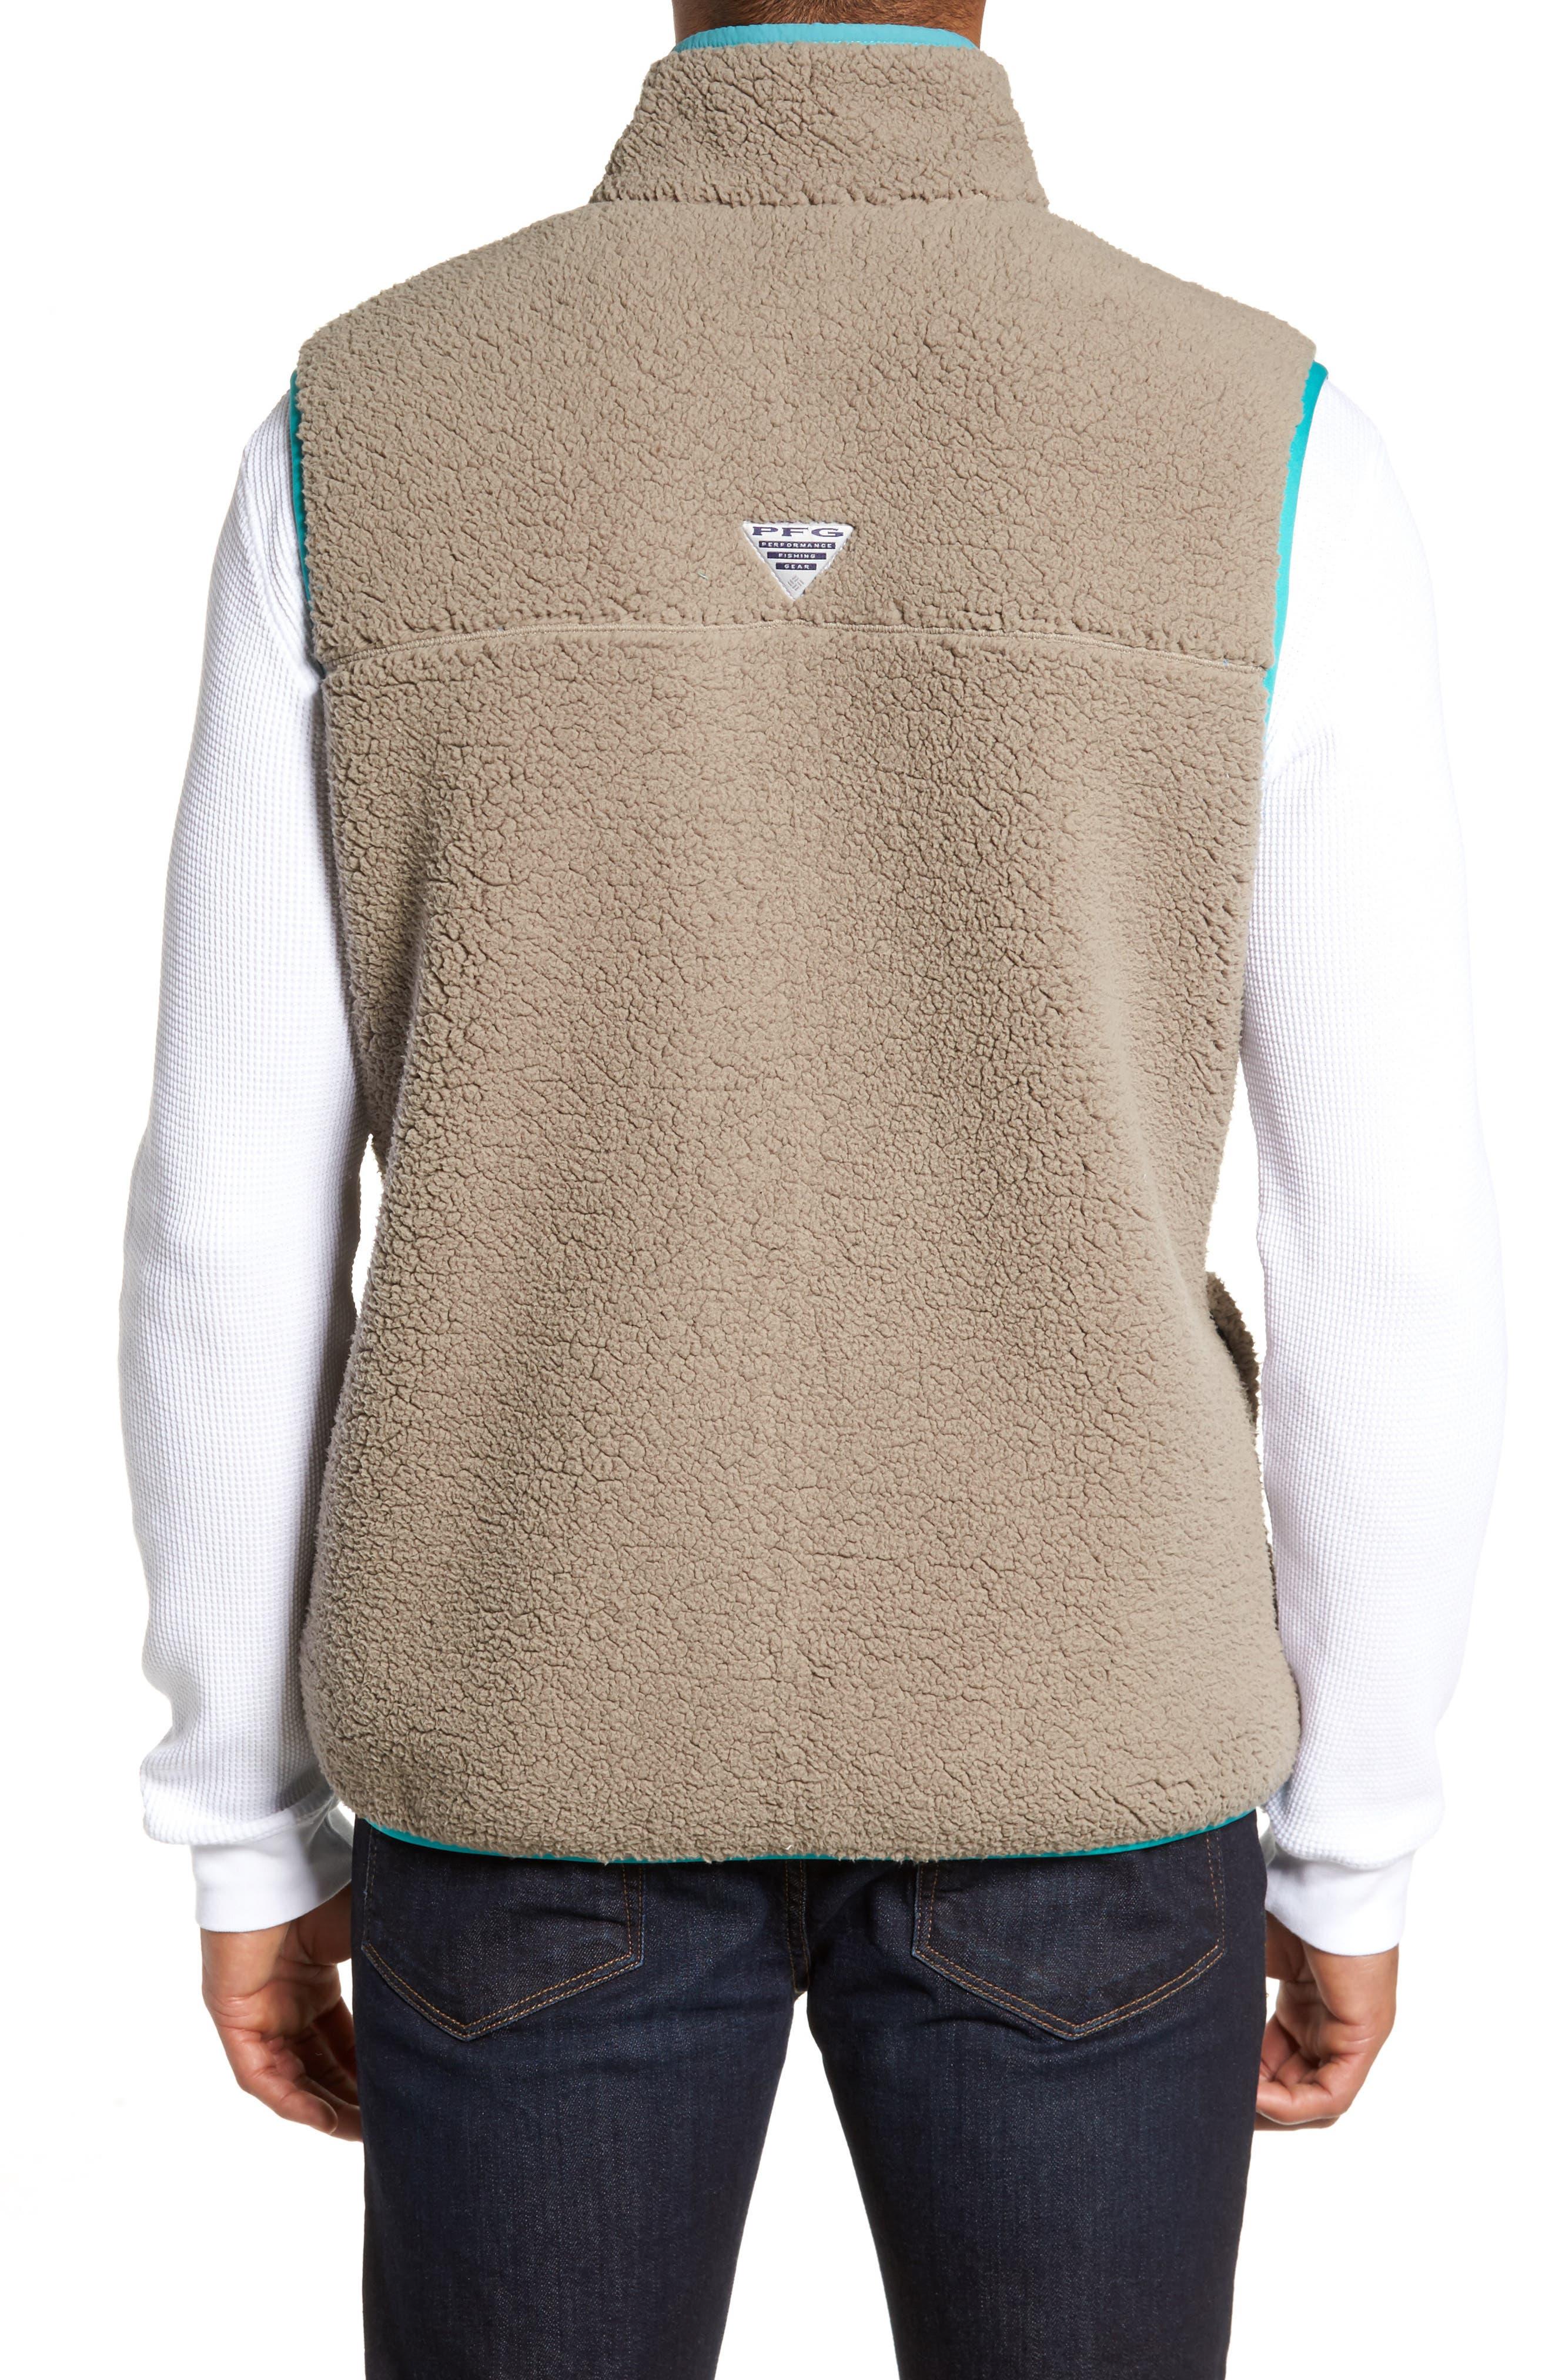 Sportswear Harborside Heavyweight Fleece Vest,                             Alternate thumbnail 2, color,                             Kettle/ Teal